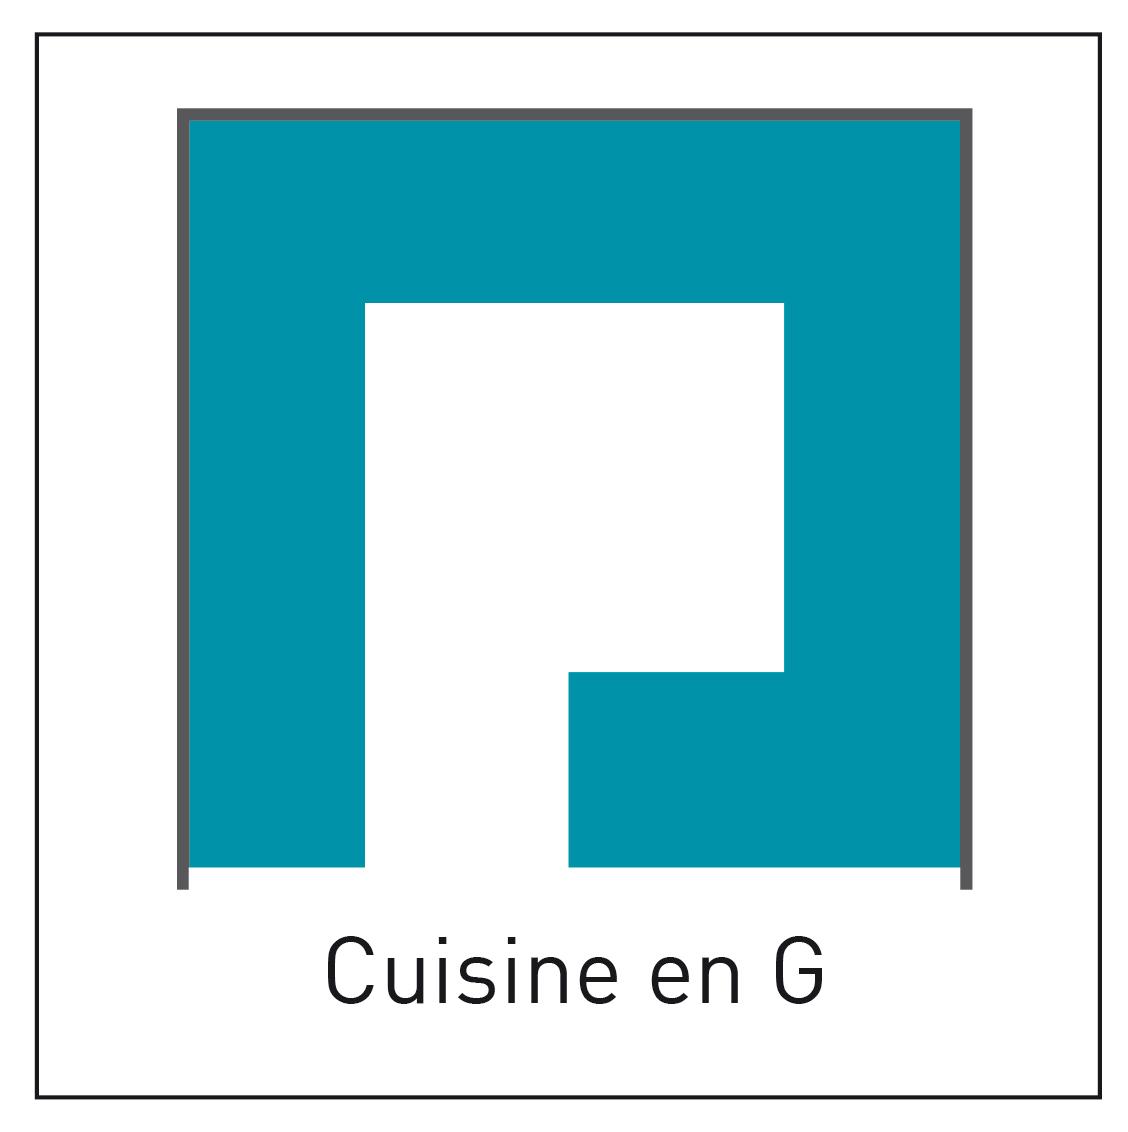 Configuration de cuisine en G - INDUSCABEL